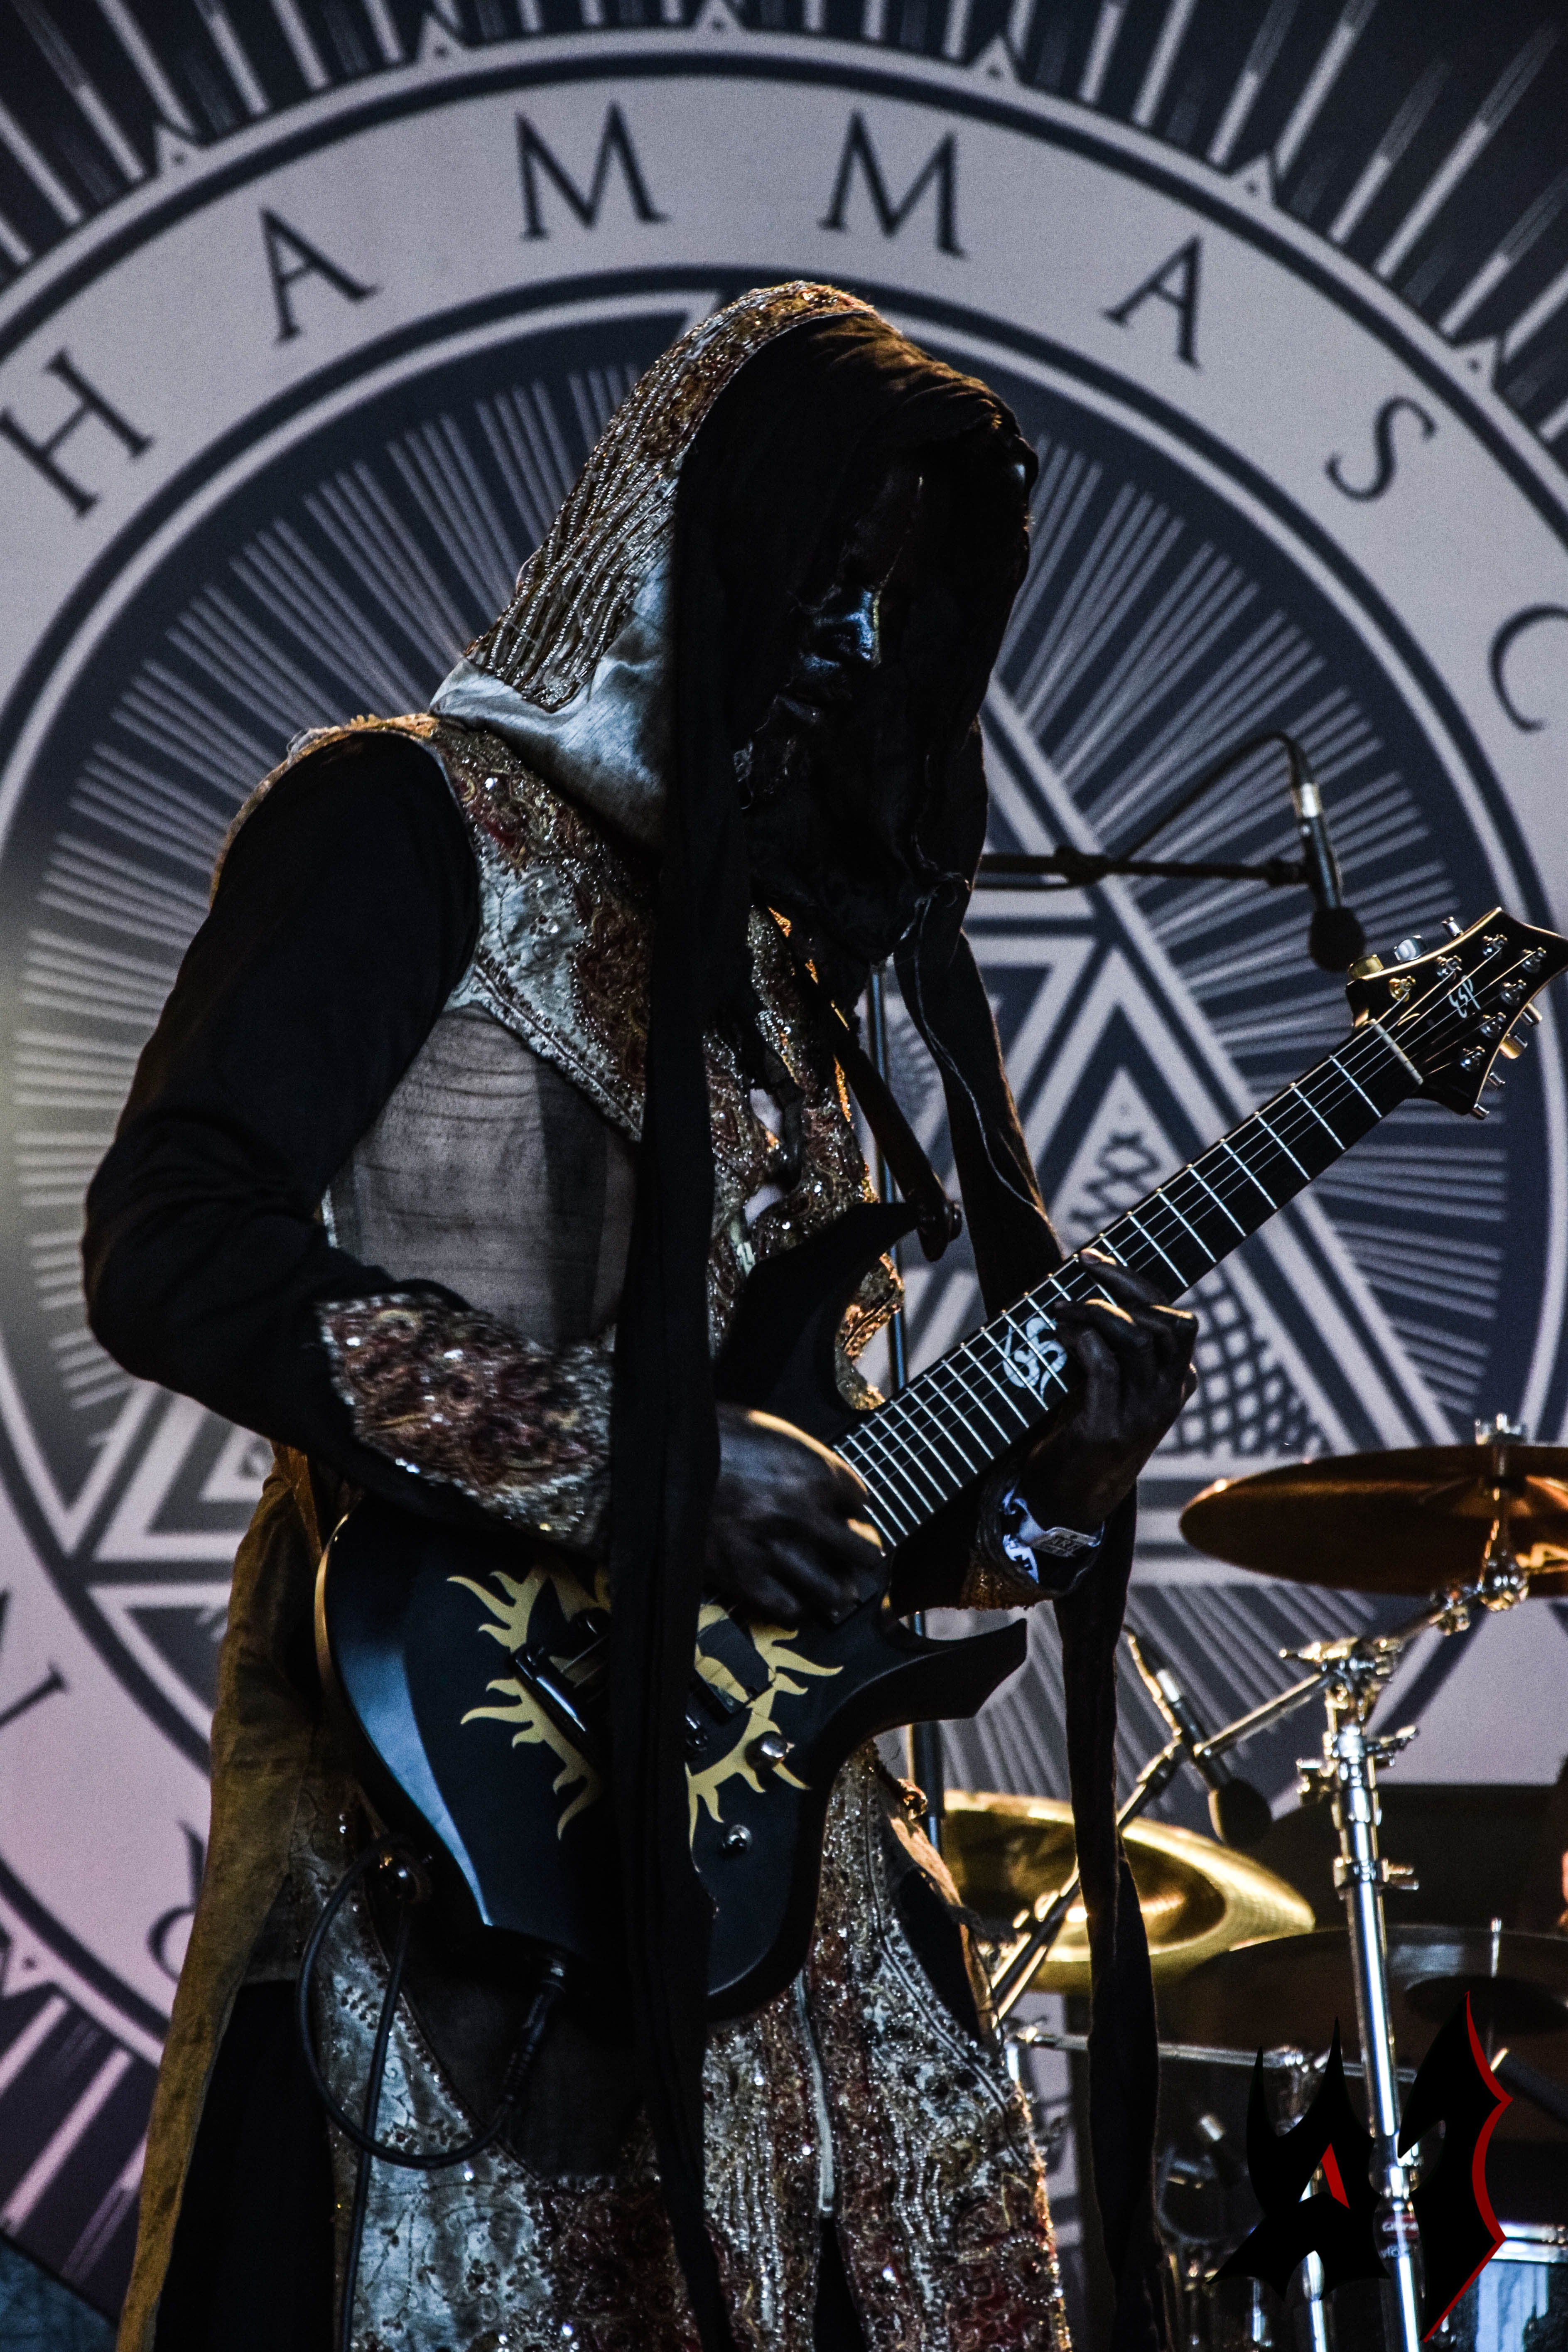 Hellfest - Day 1 - Schammasch 8